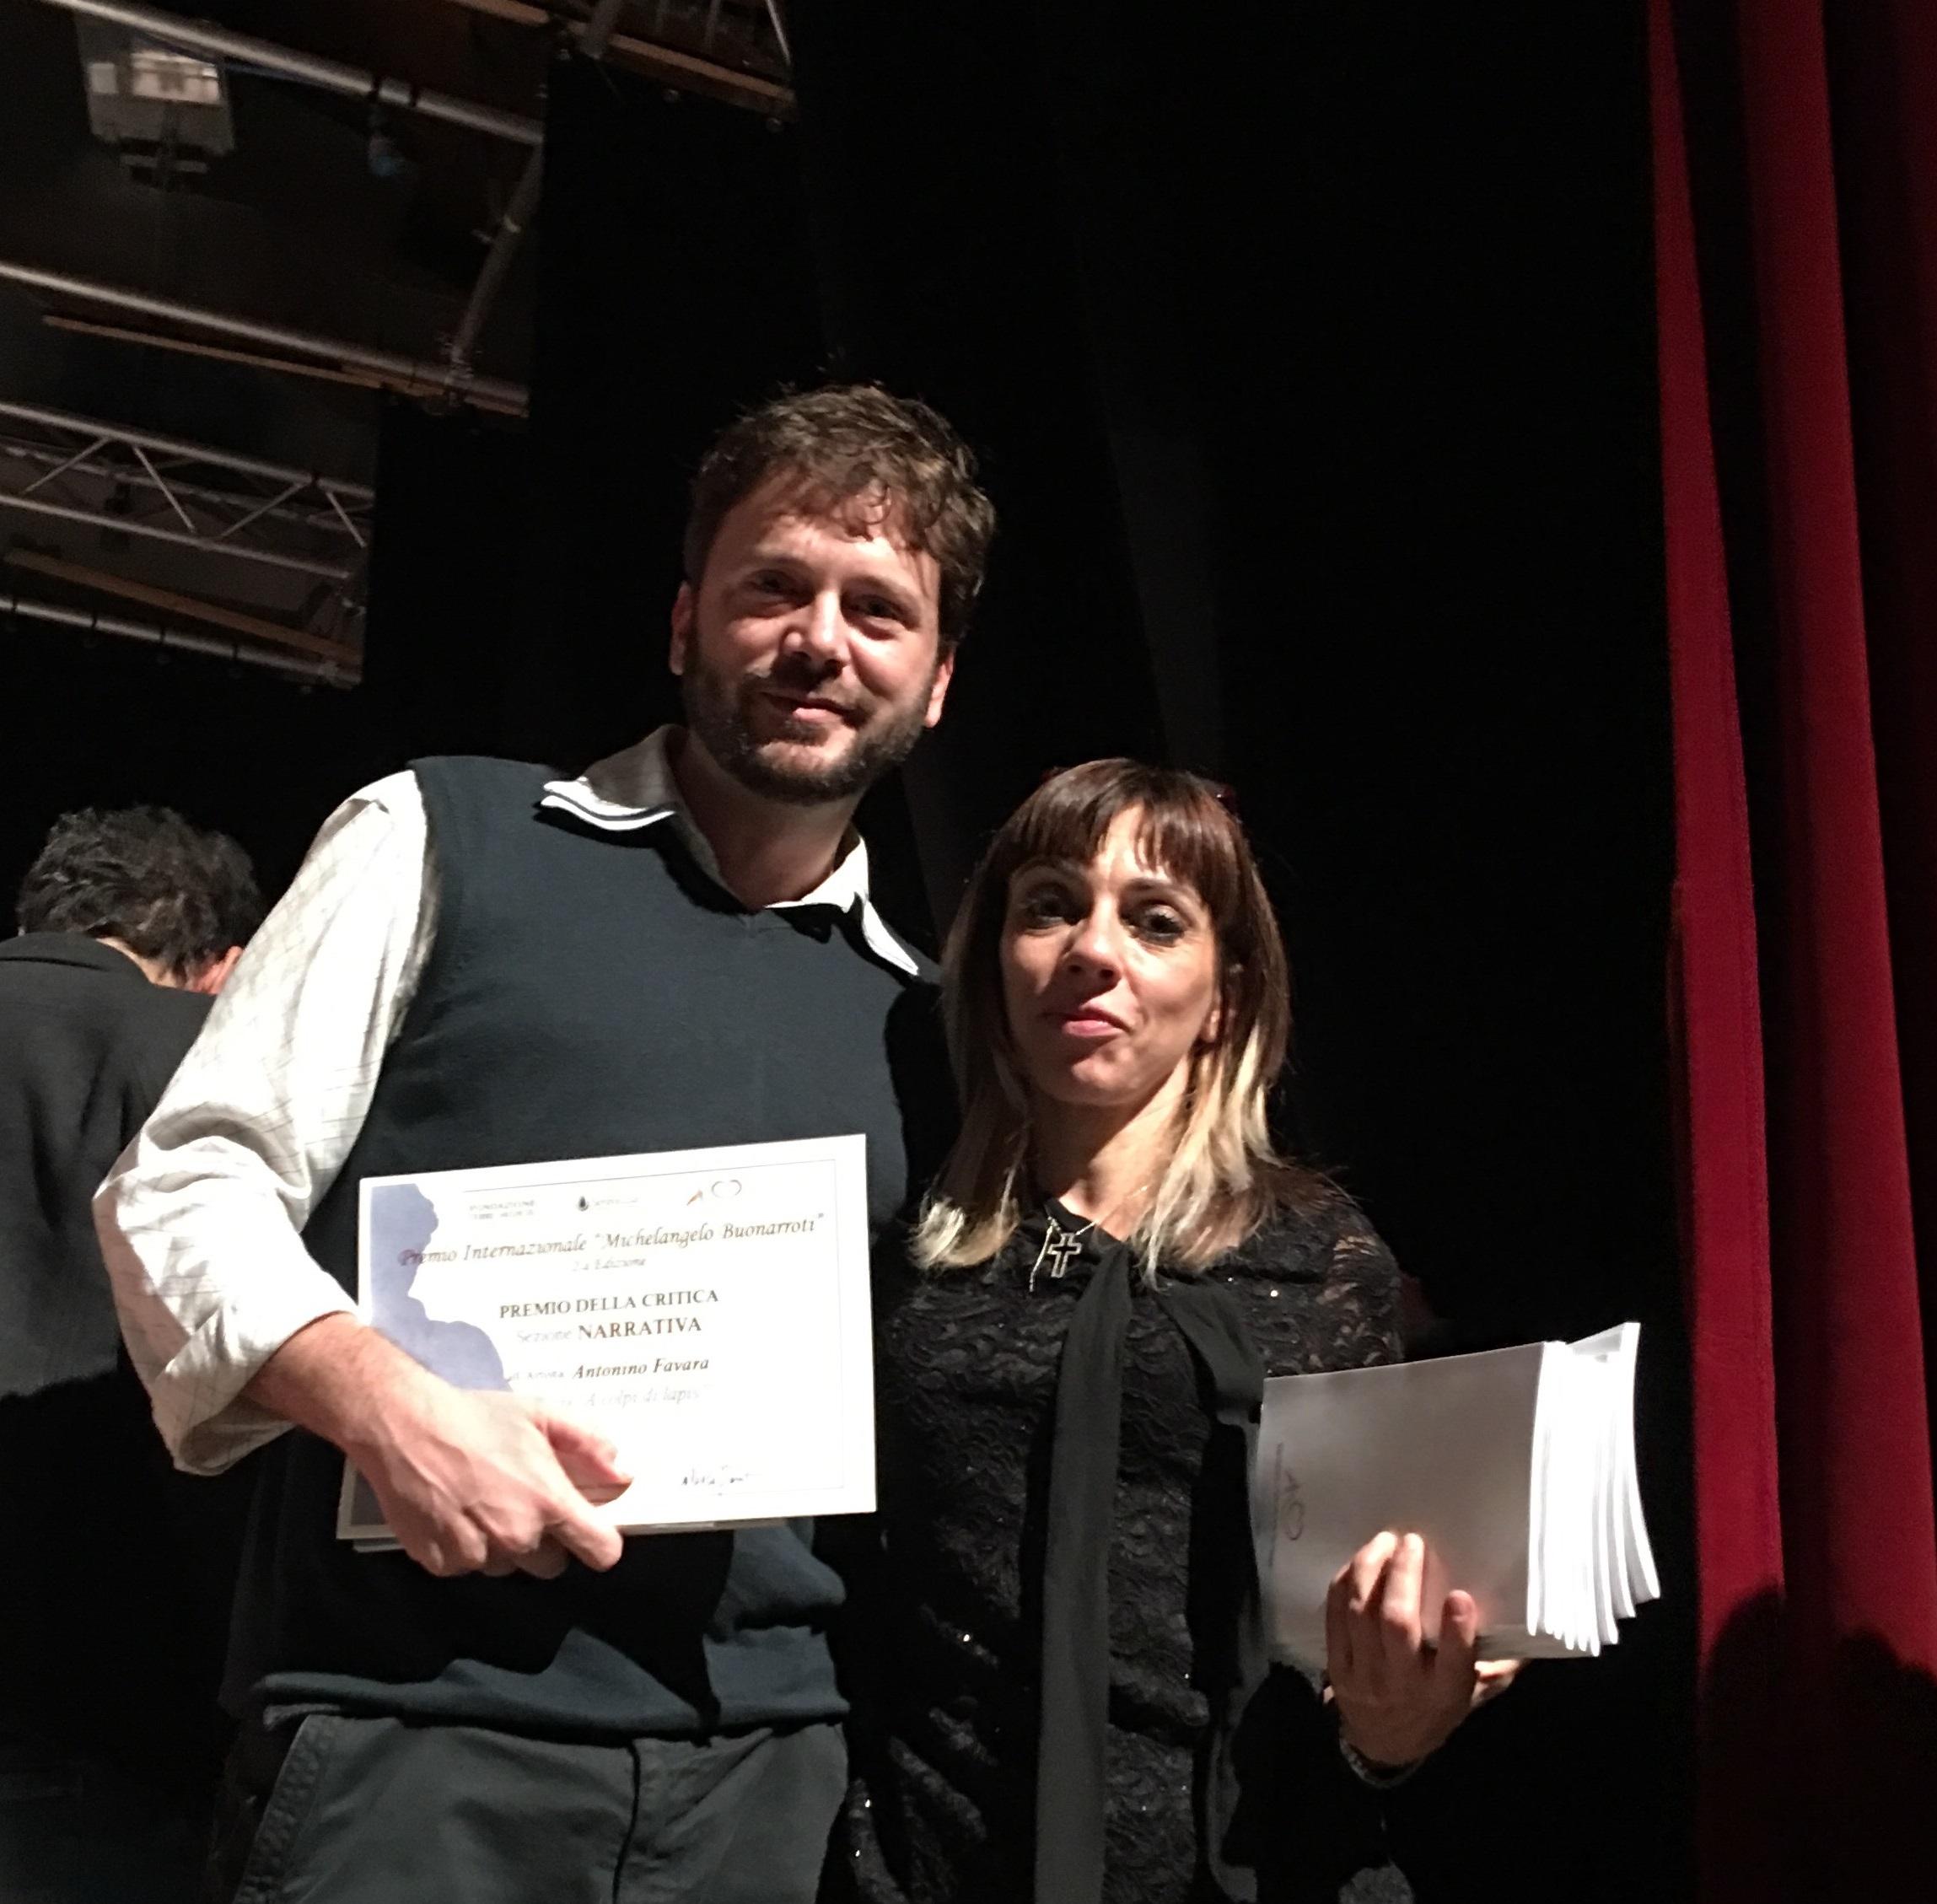 premiazione-con-un-membro-della-giuria-barbara-benedetti